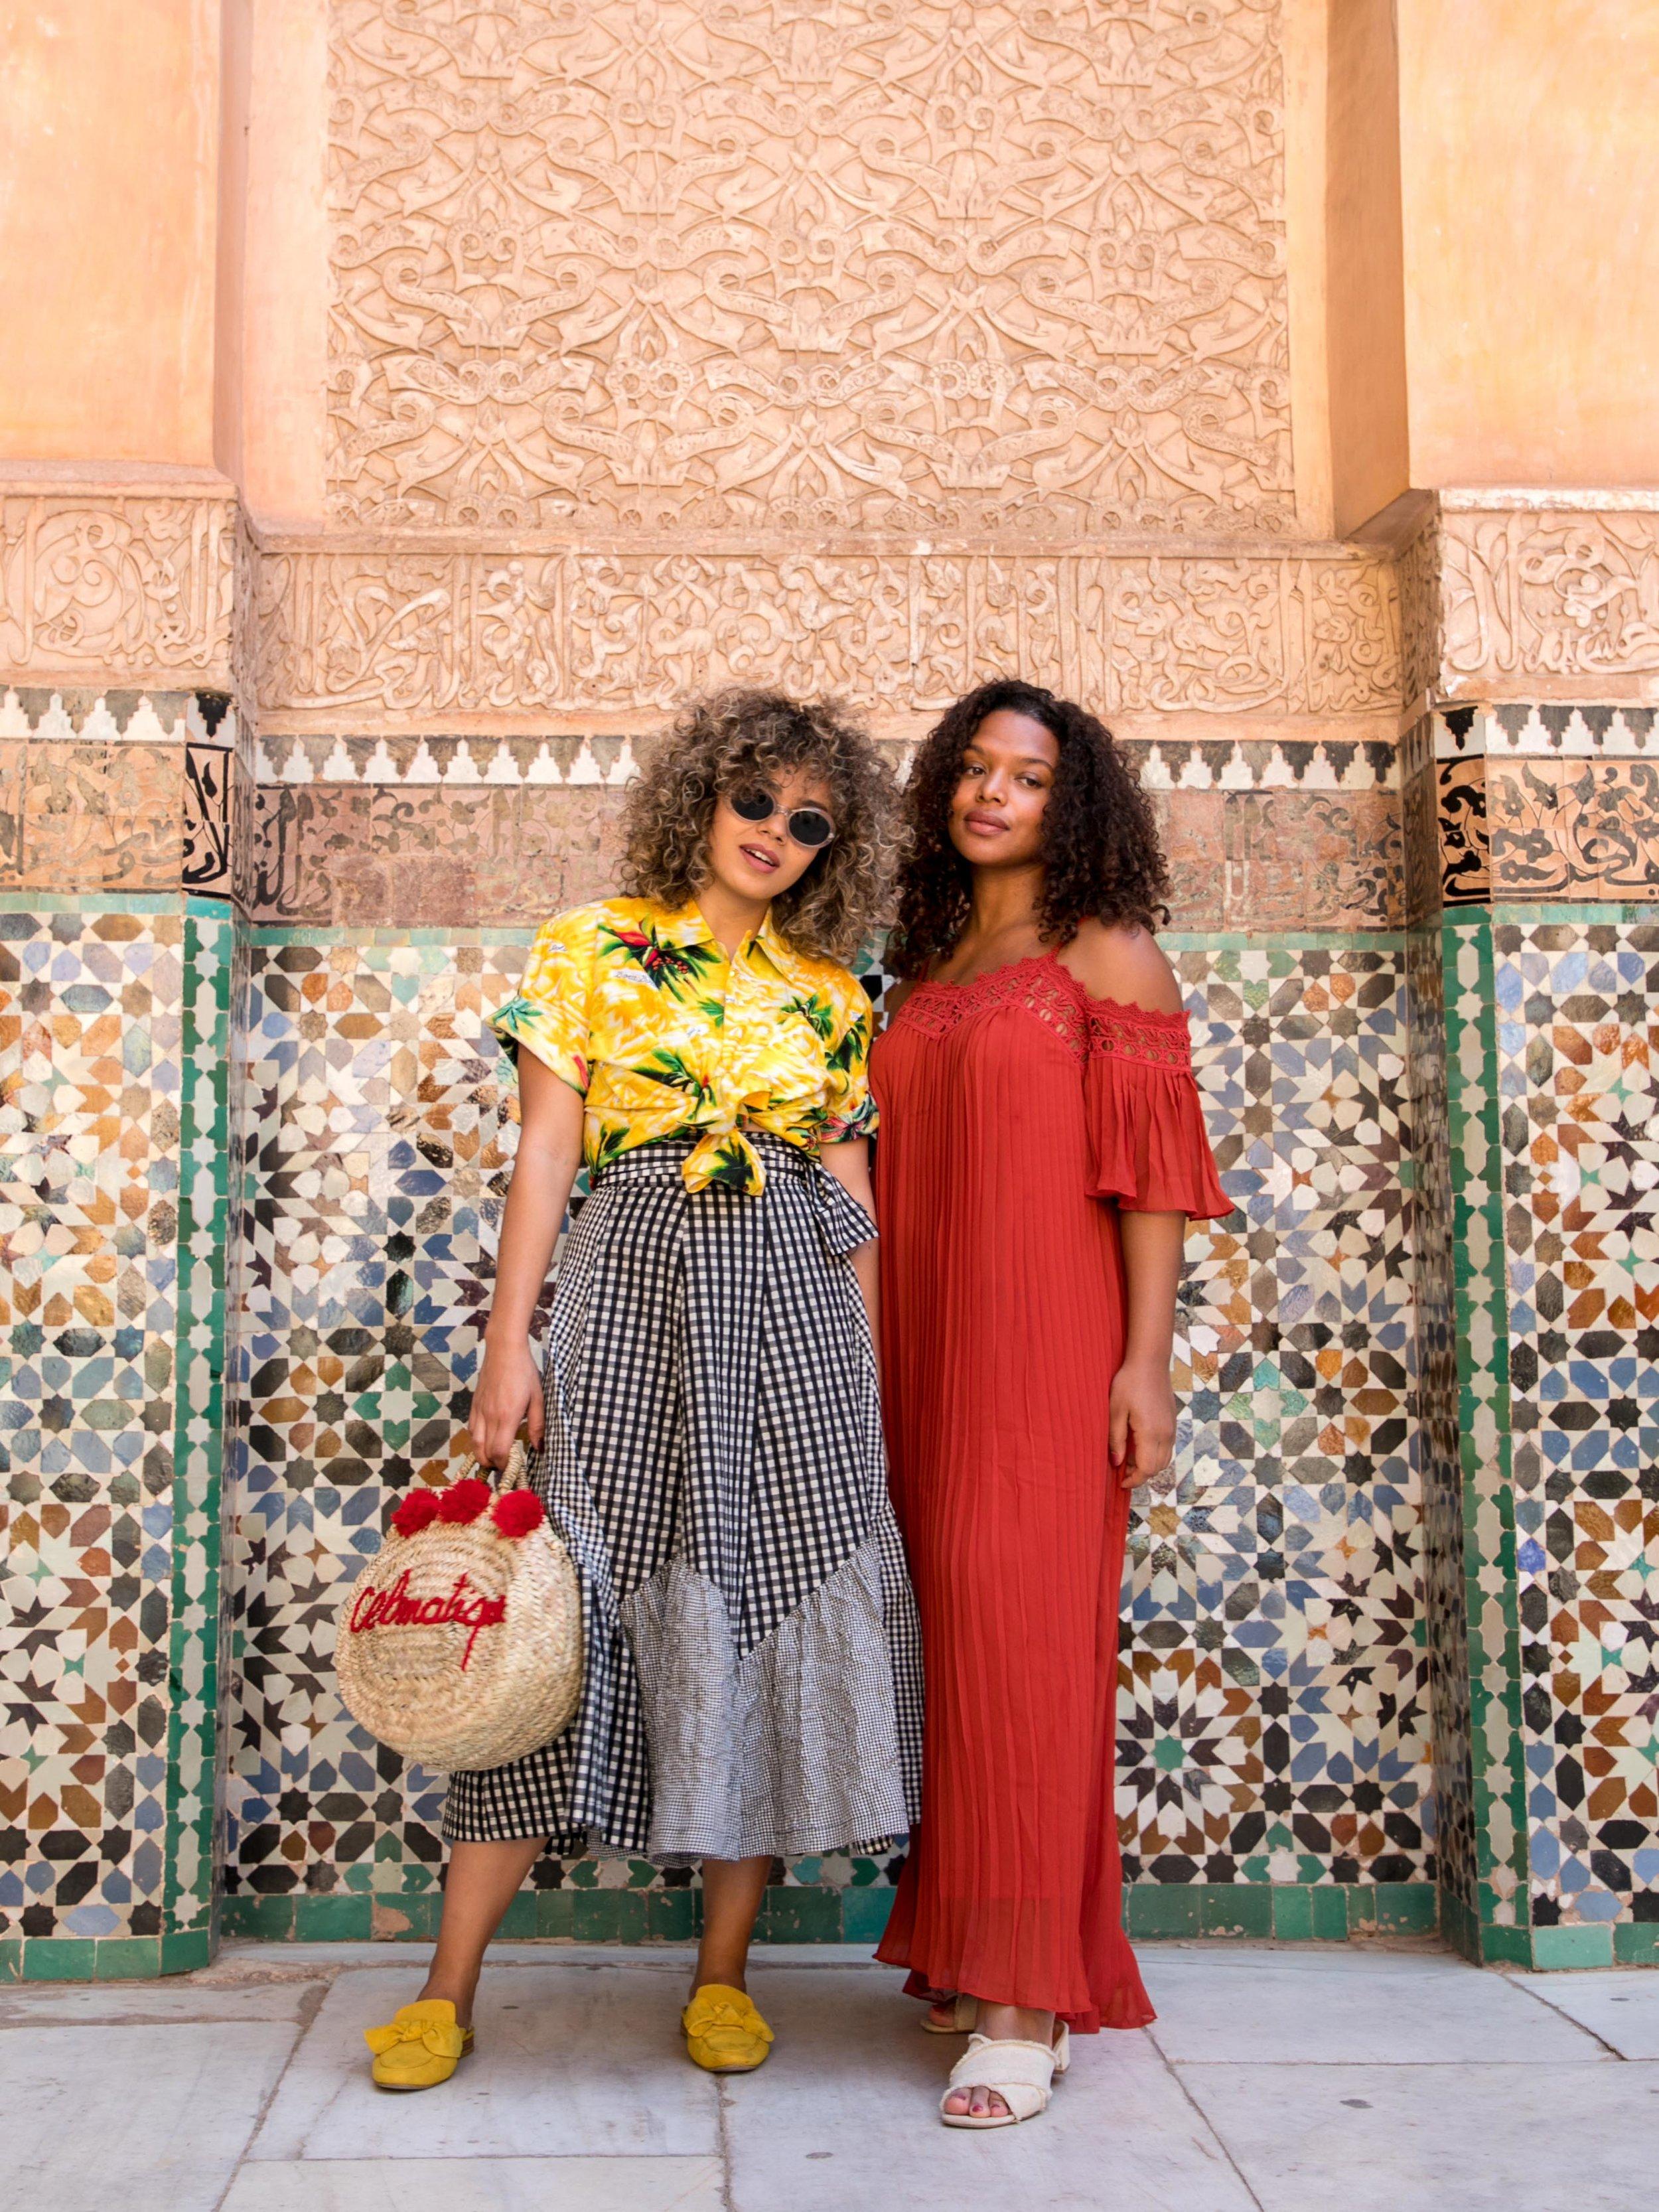 Marrakech-Portraits-14.jpg